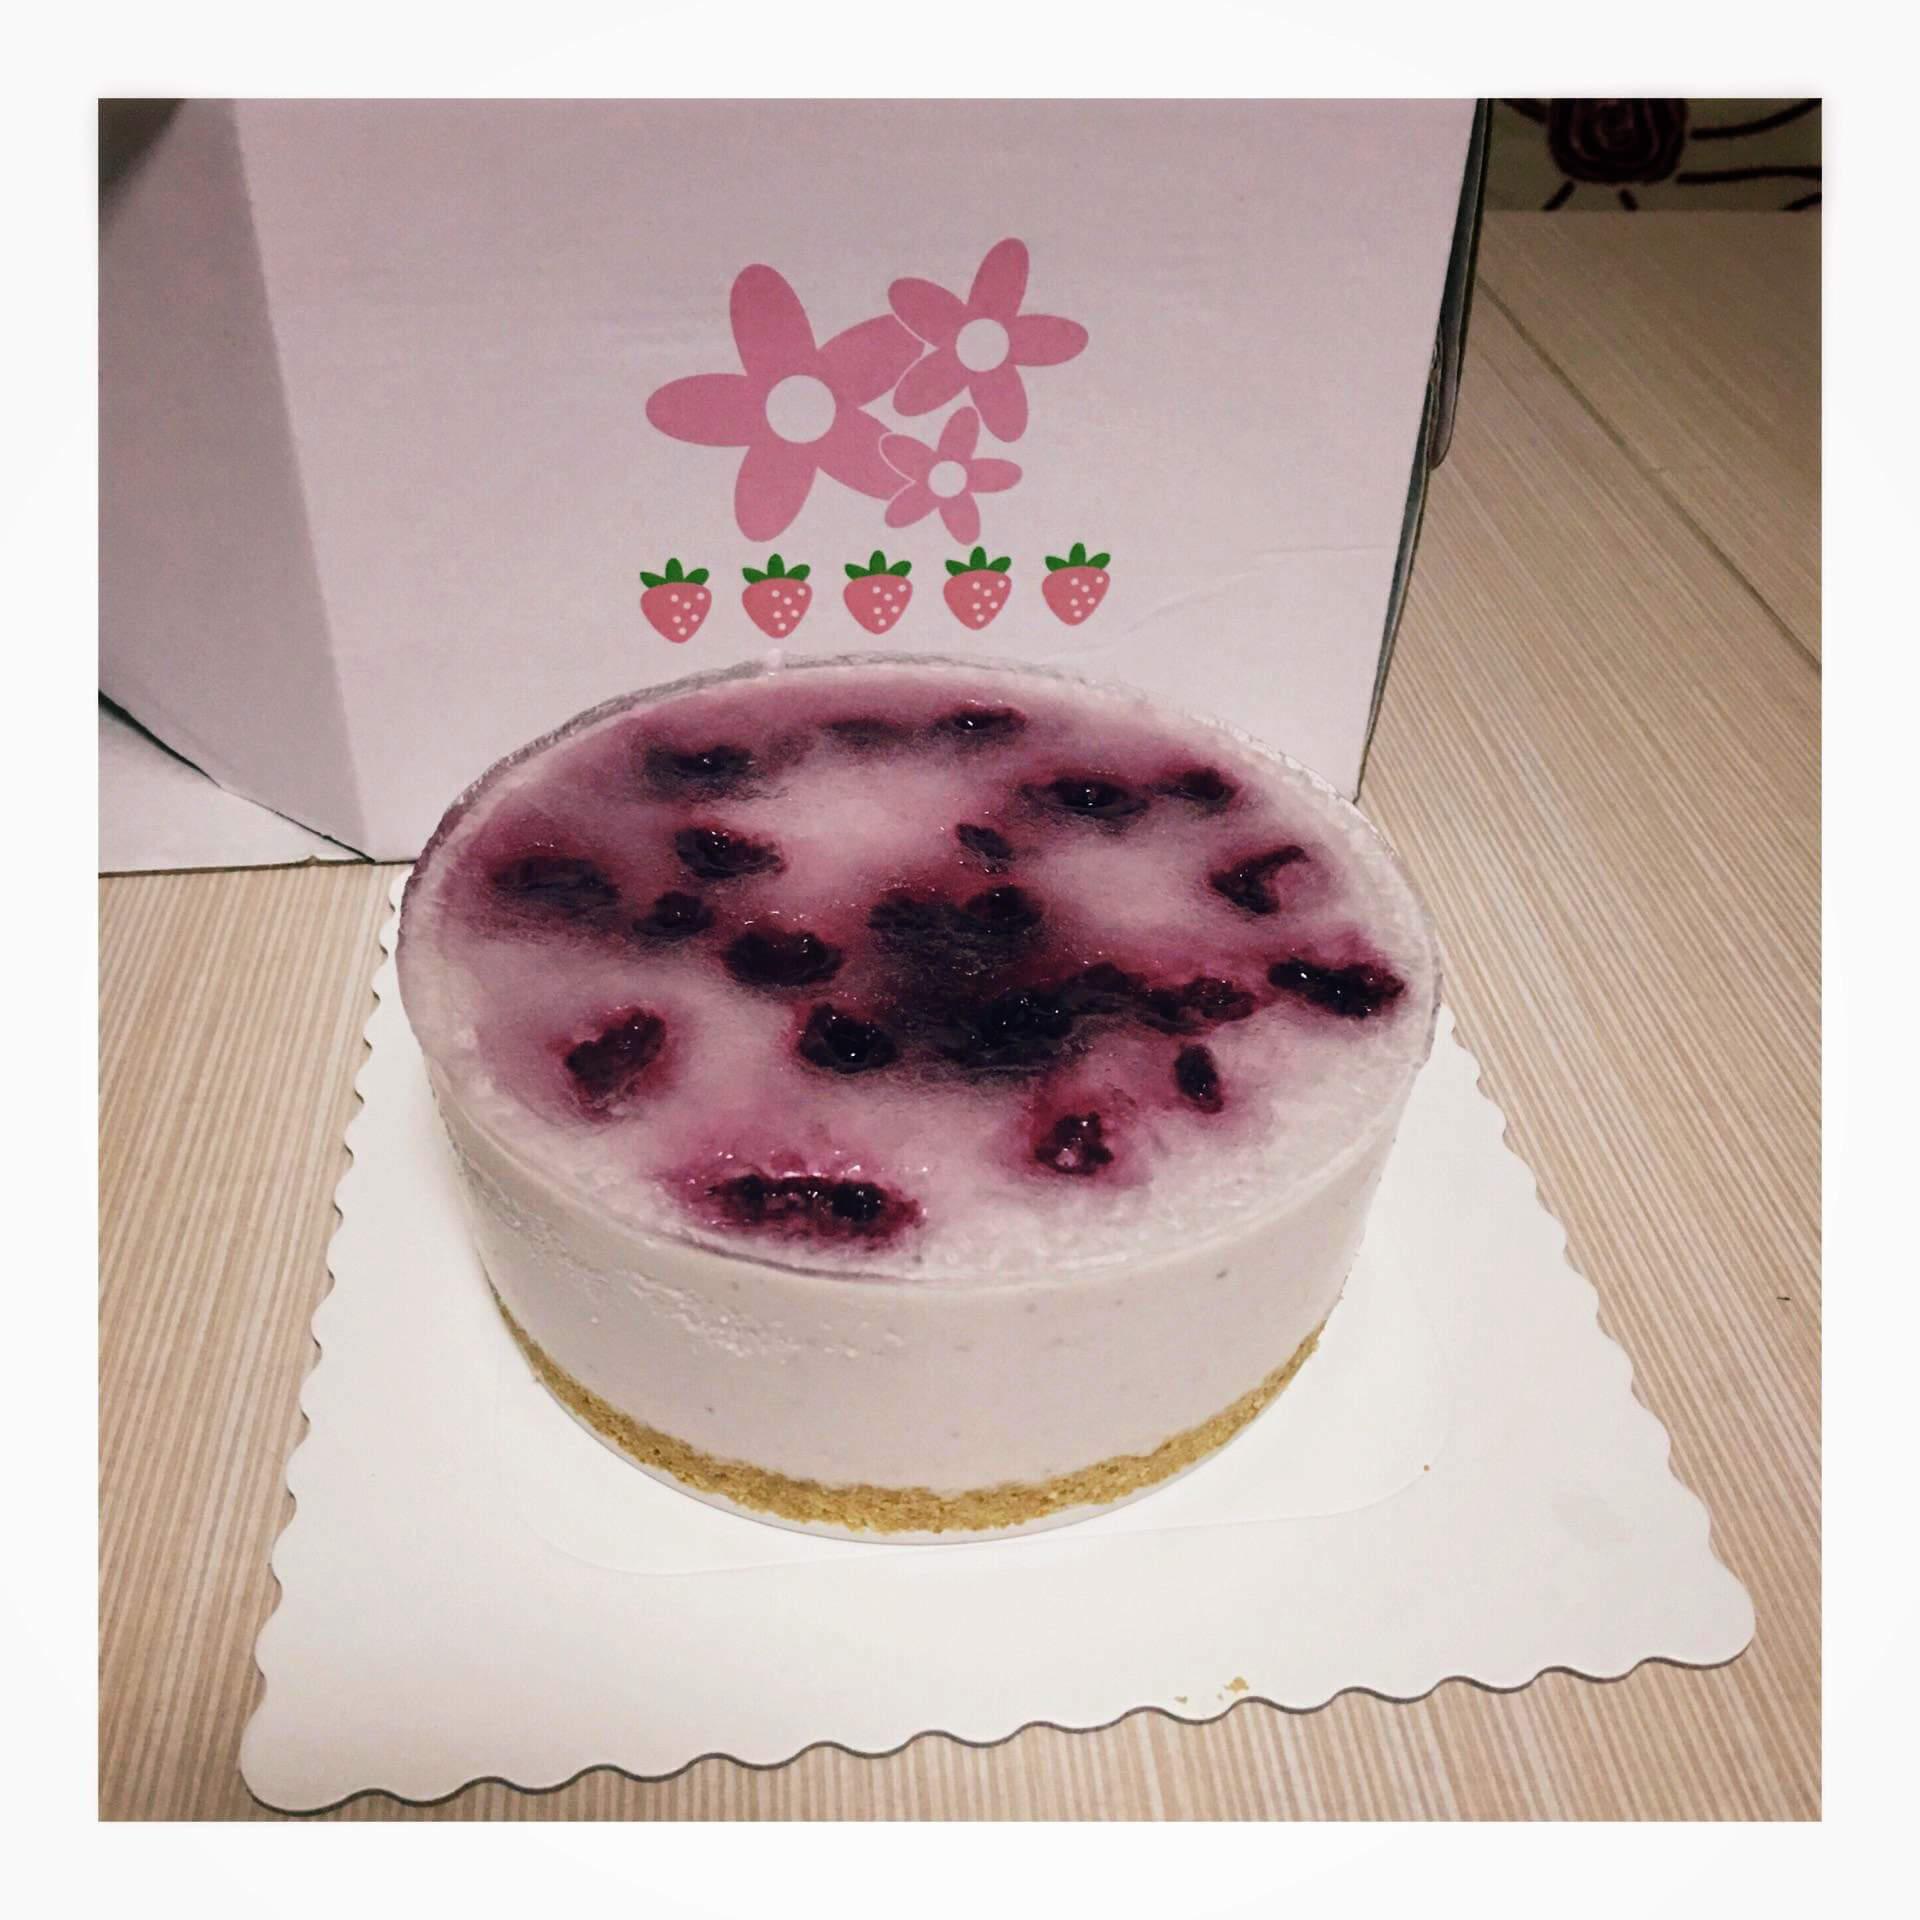 蓝莓火龙果酸奶慕斯